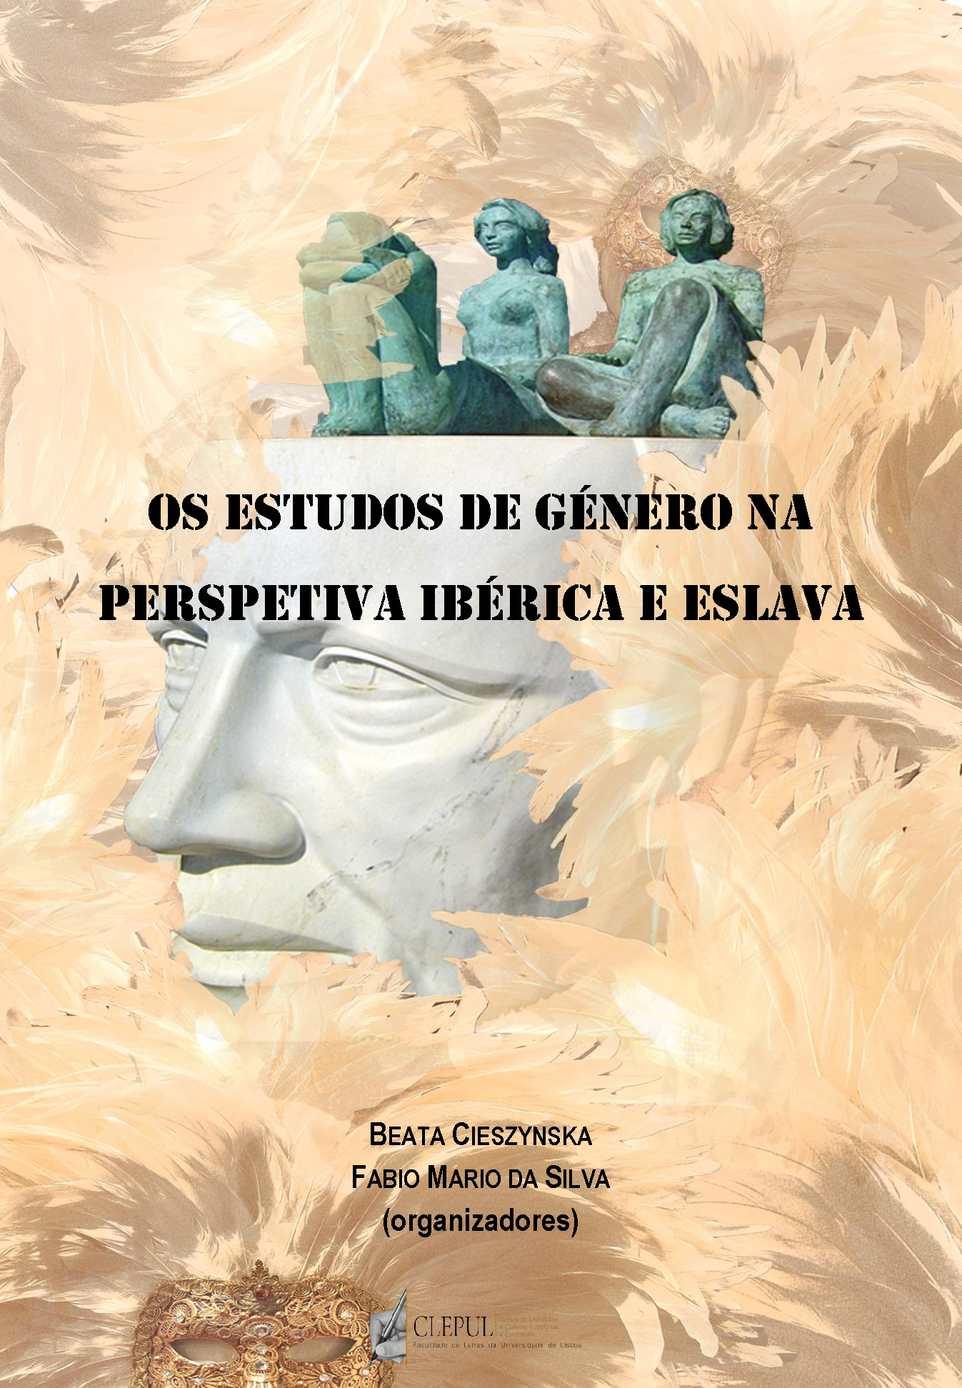 Calaméo - Os Estudos De Género na Perspetiva Ibérica e Eslava 889c0a9c39